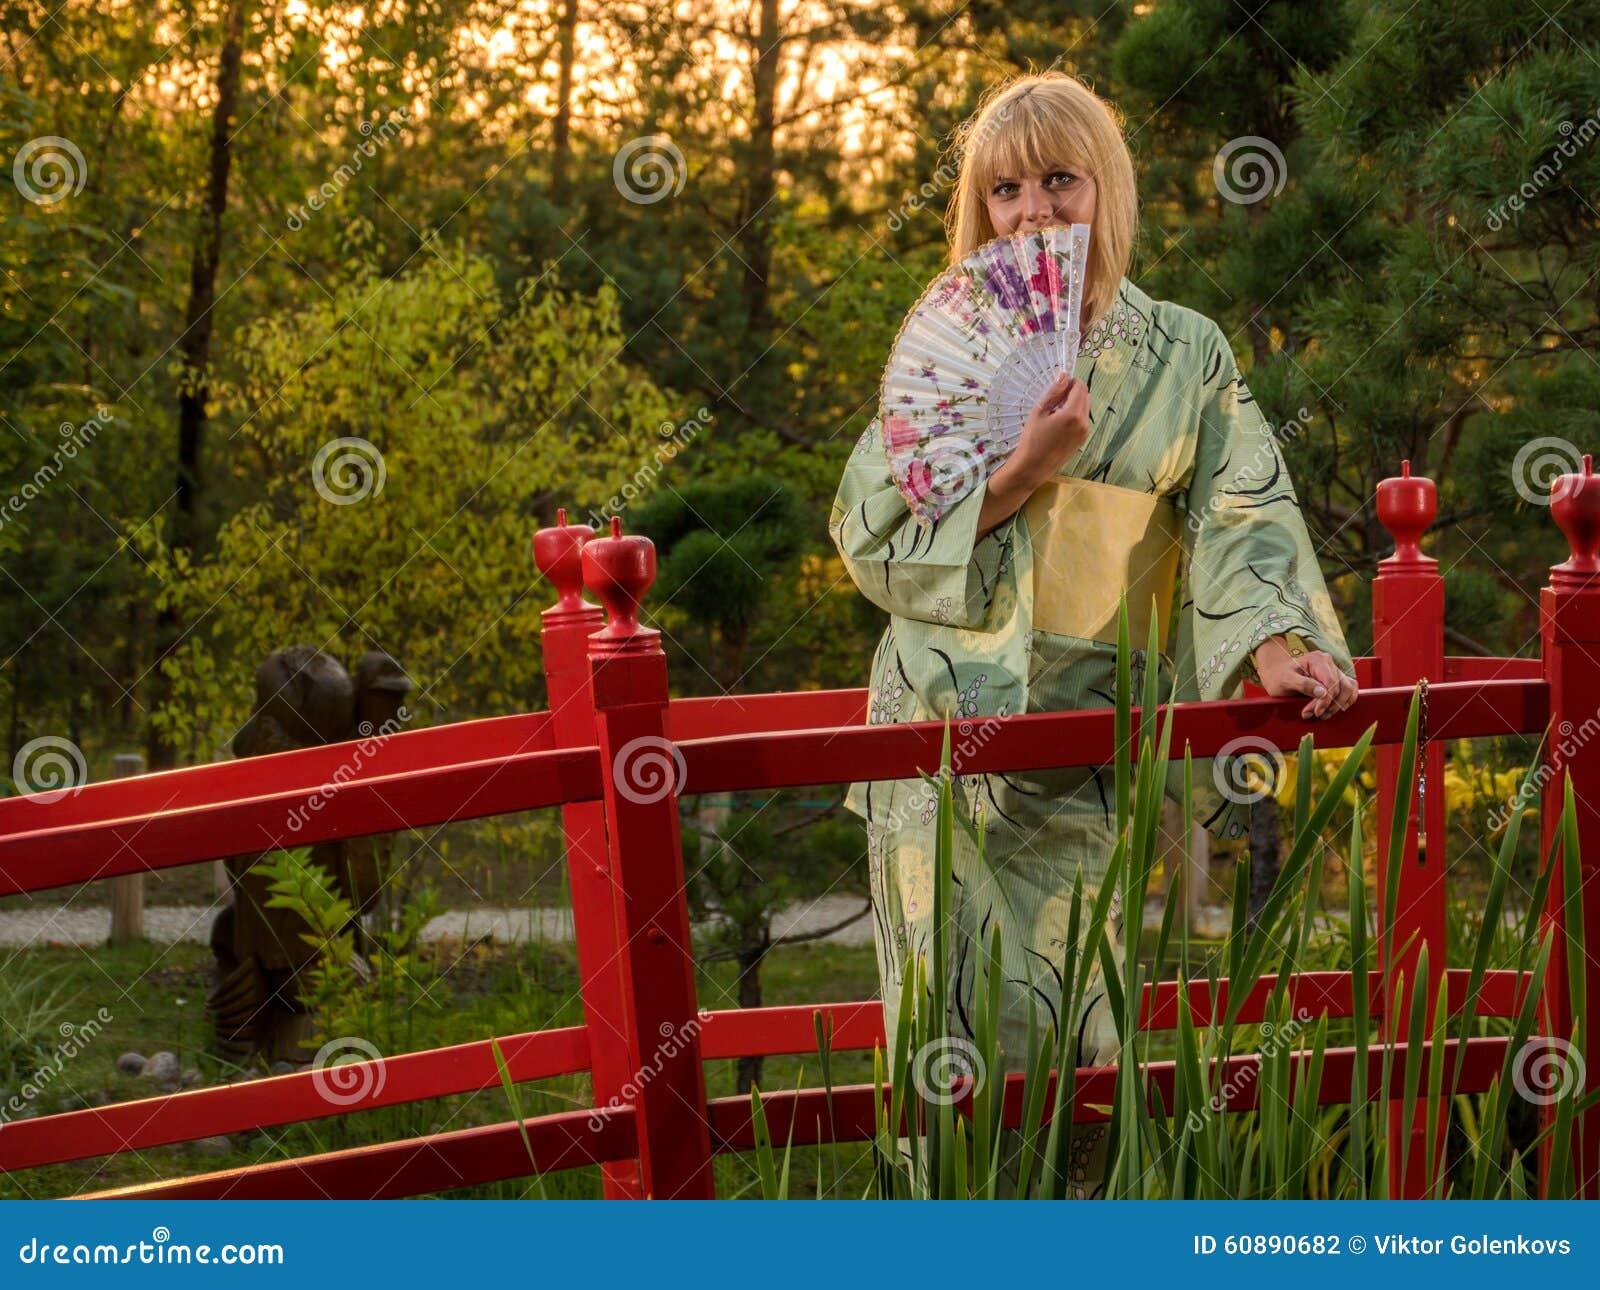 欧洲色情jjjcom_走在庭院和佩带的传统日本和服和黄色伞里的美丽的欧洲妇女.